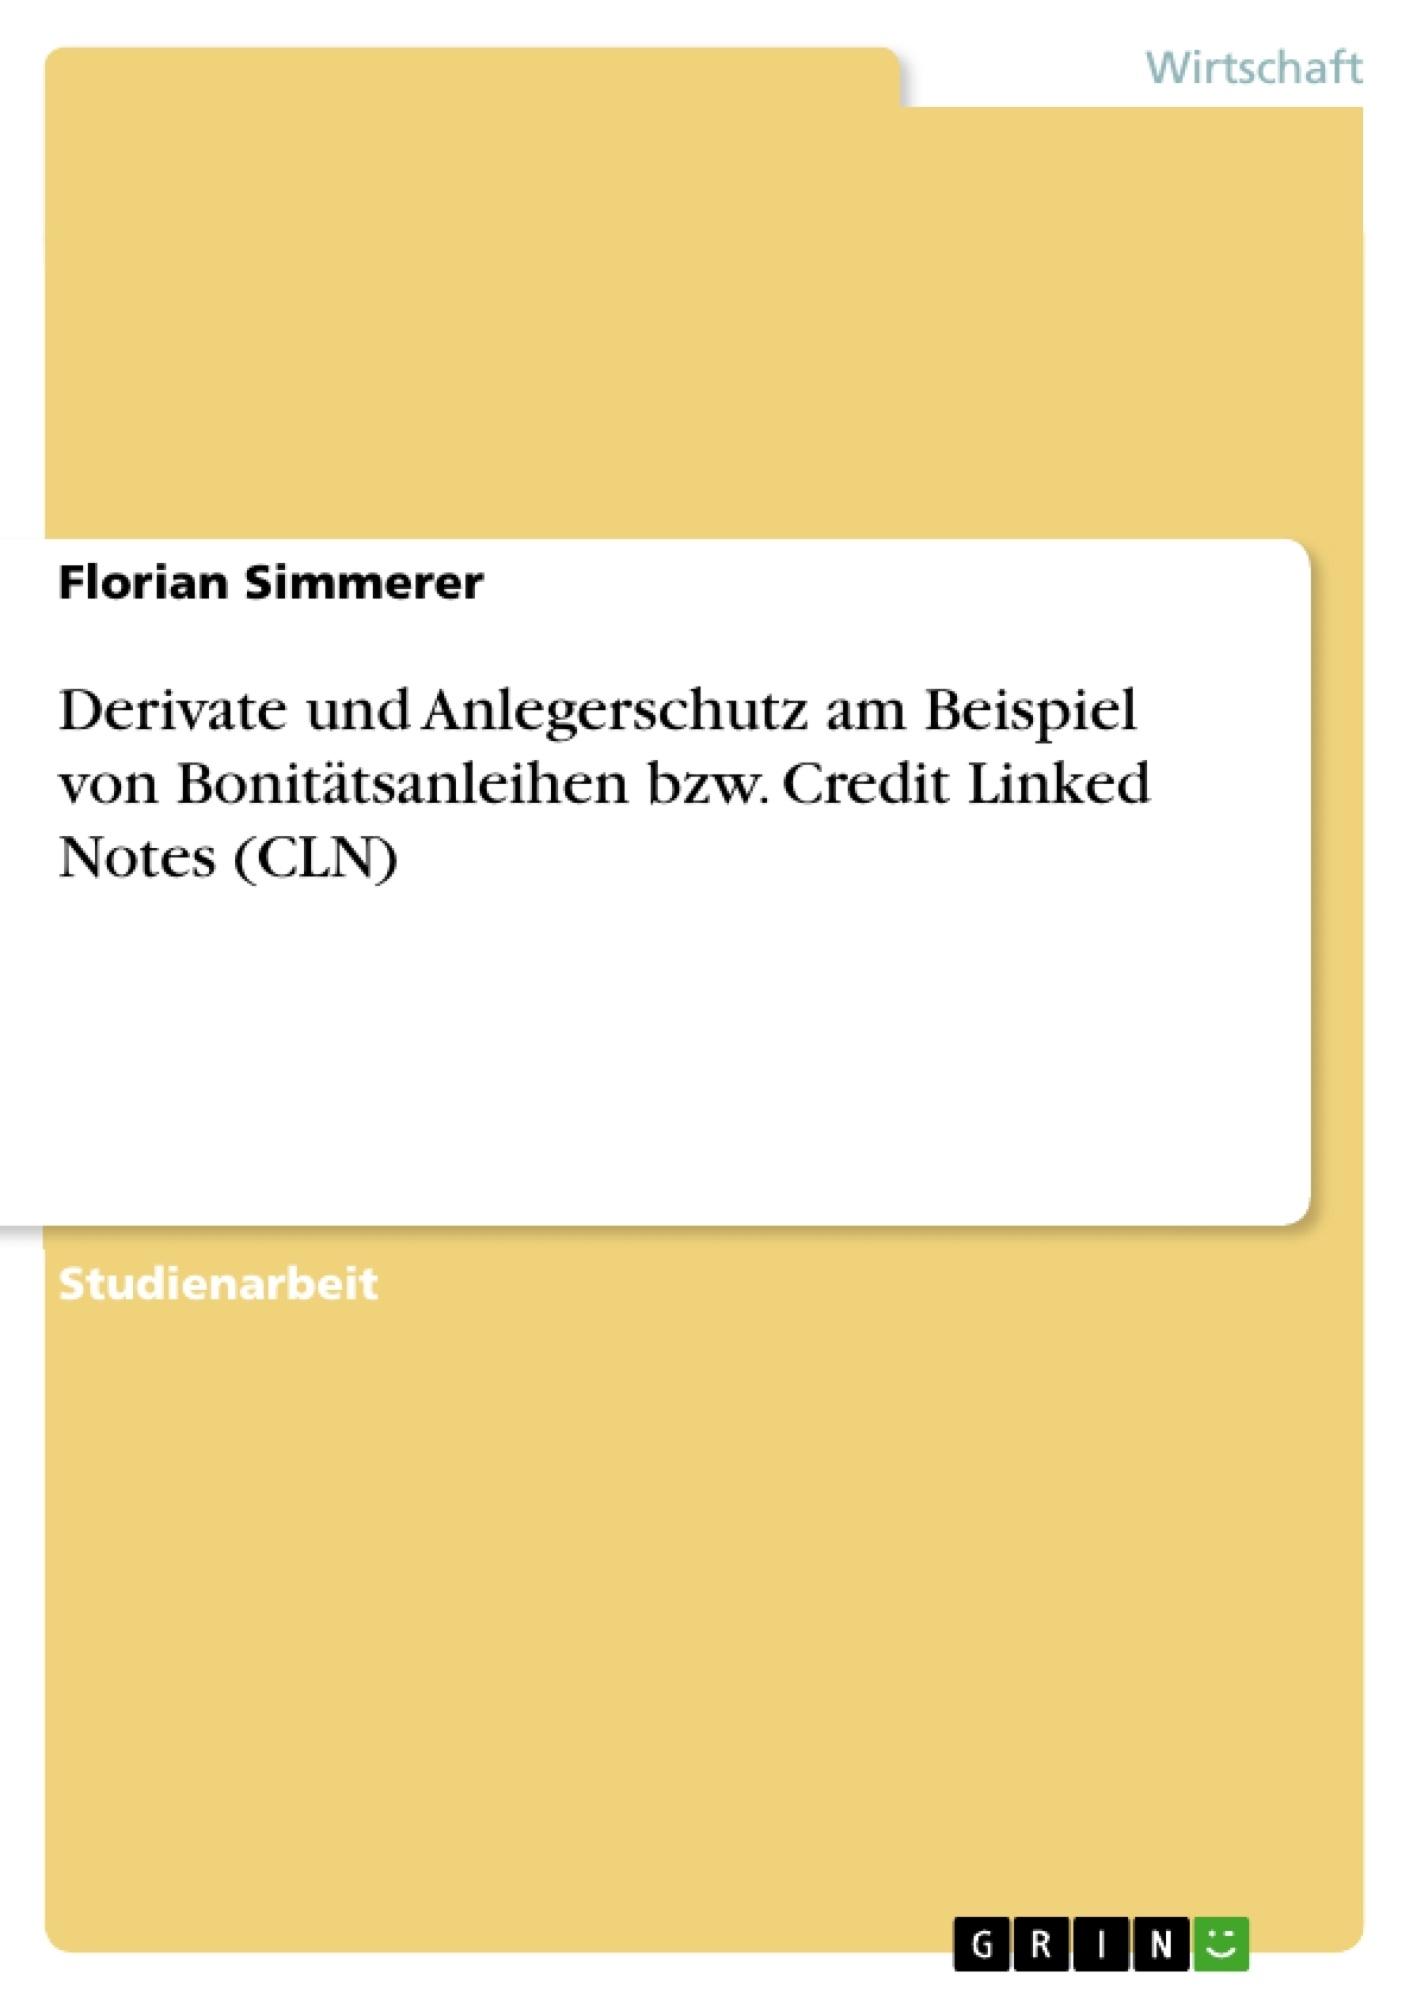 Titel: Derivate und Anlegerschutz am Beispiel von Bonitätsanleihen bzw. Credit Linked Notes (CLN)